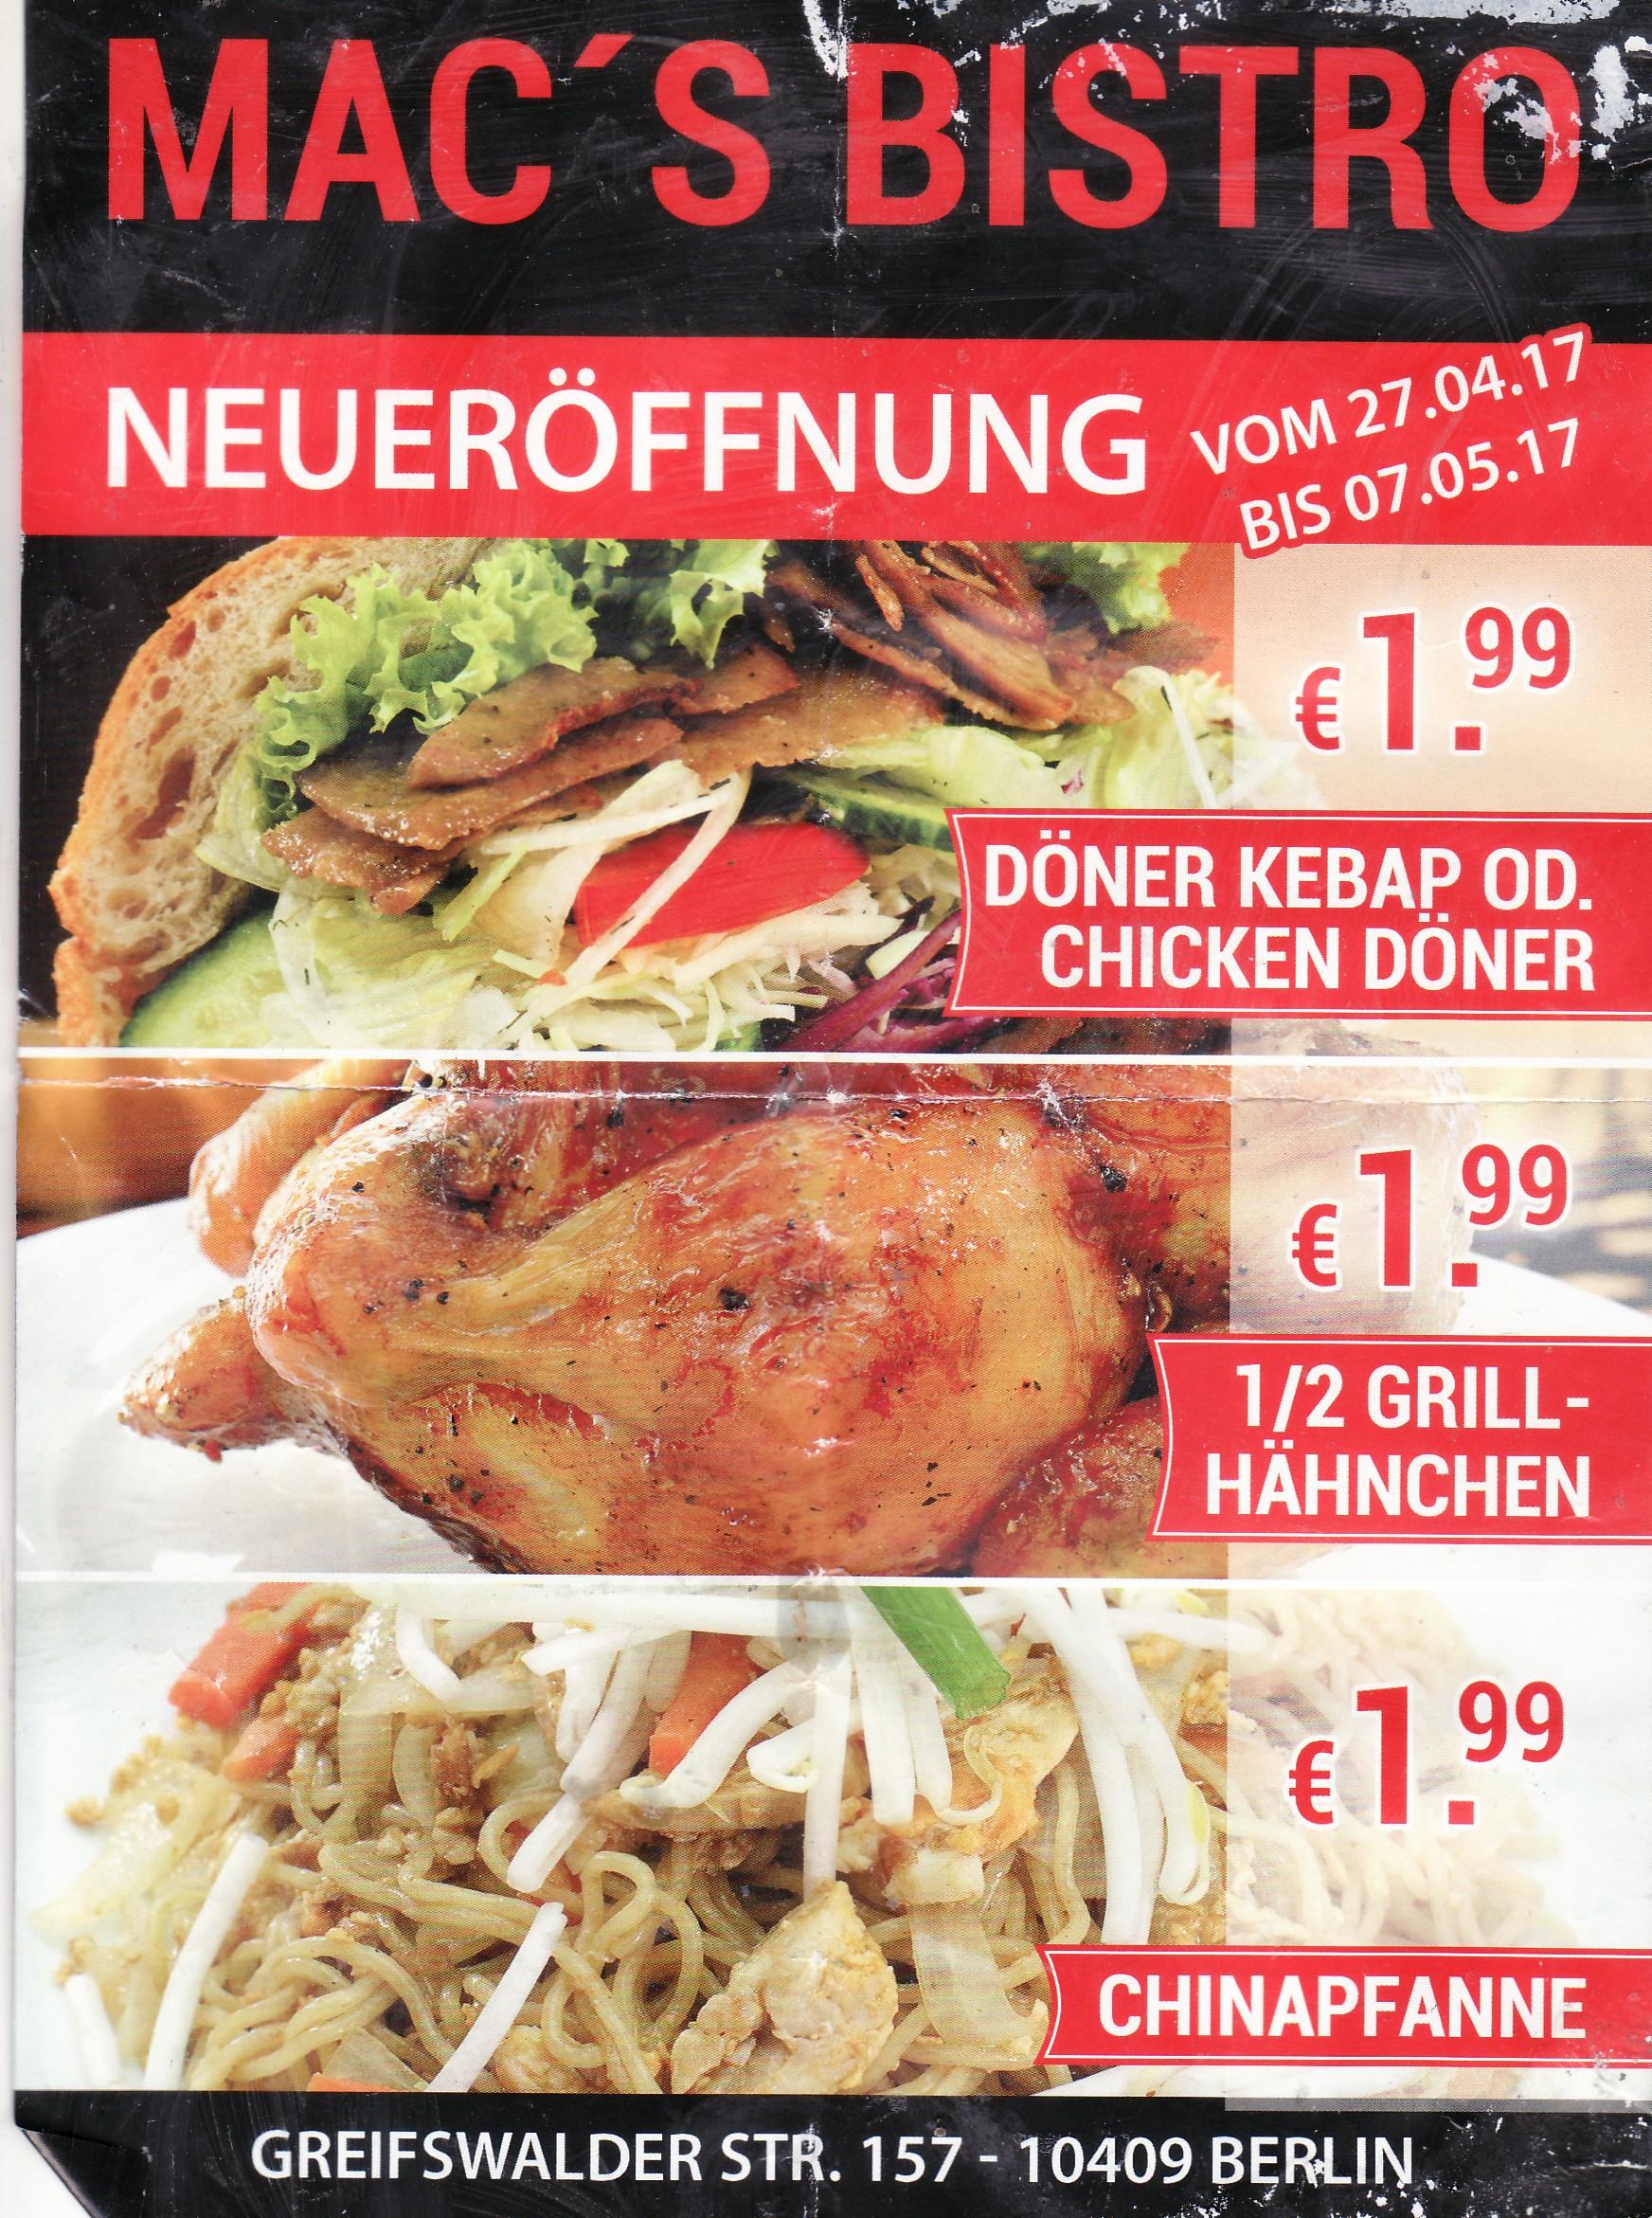 Lokal Berlin bis 07.05.2017: Für 1,99 Euro bei Mac's Bistro Döner oder 1/2 Hähnchen oder Chinapfanne